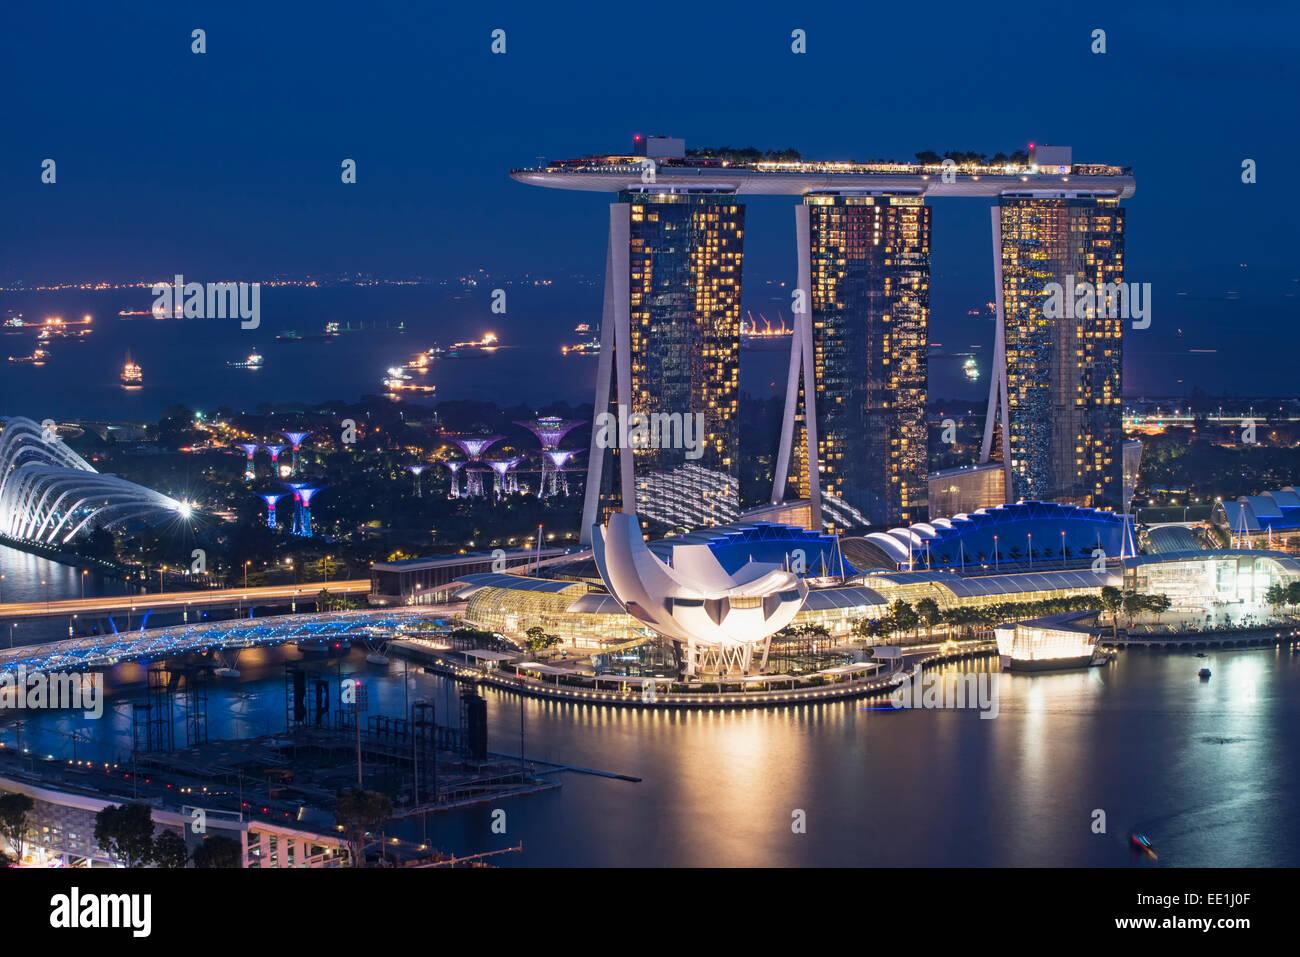 Marina Bay Sands Hotel and Science Museum de nuit, à Singapour, en Asie du Sud-Est, l'Asie Photo Stock